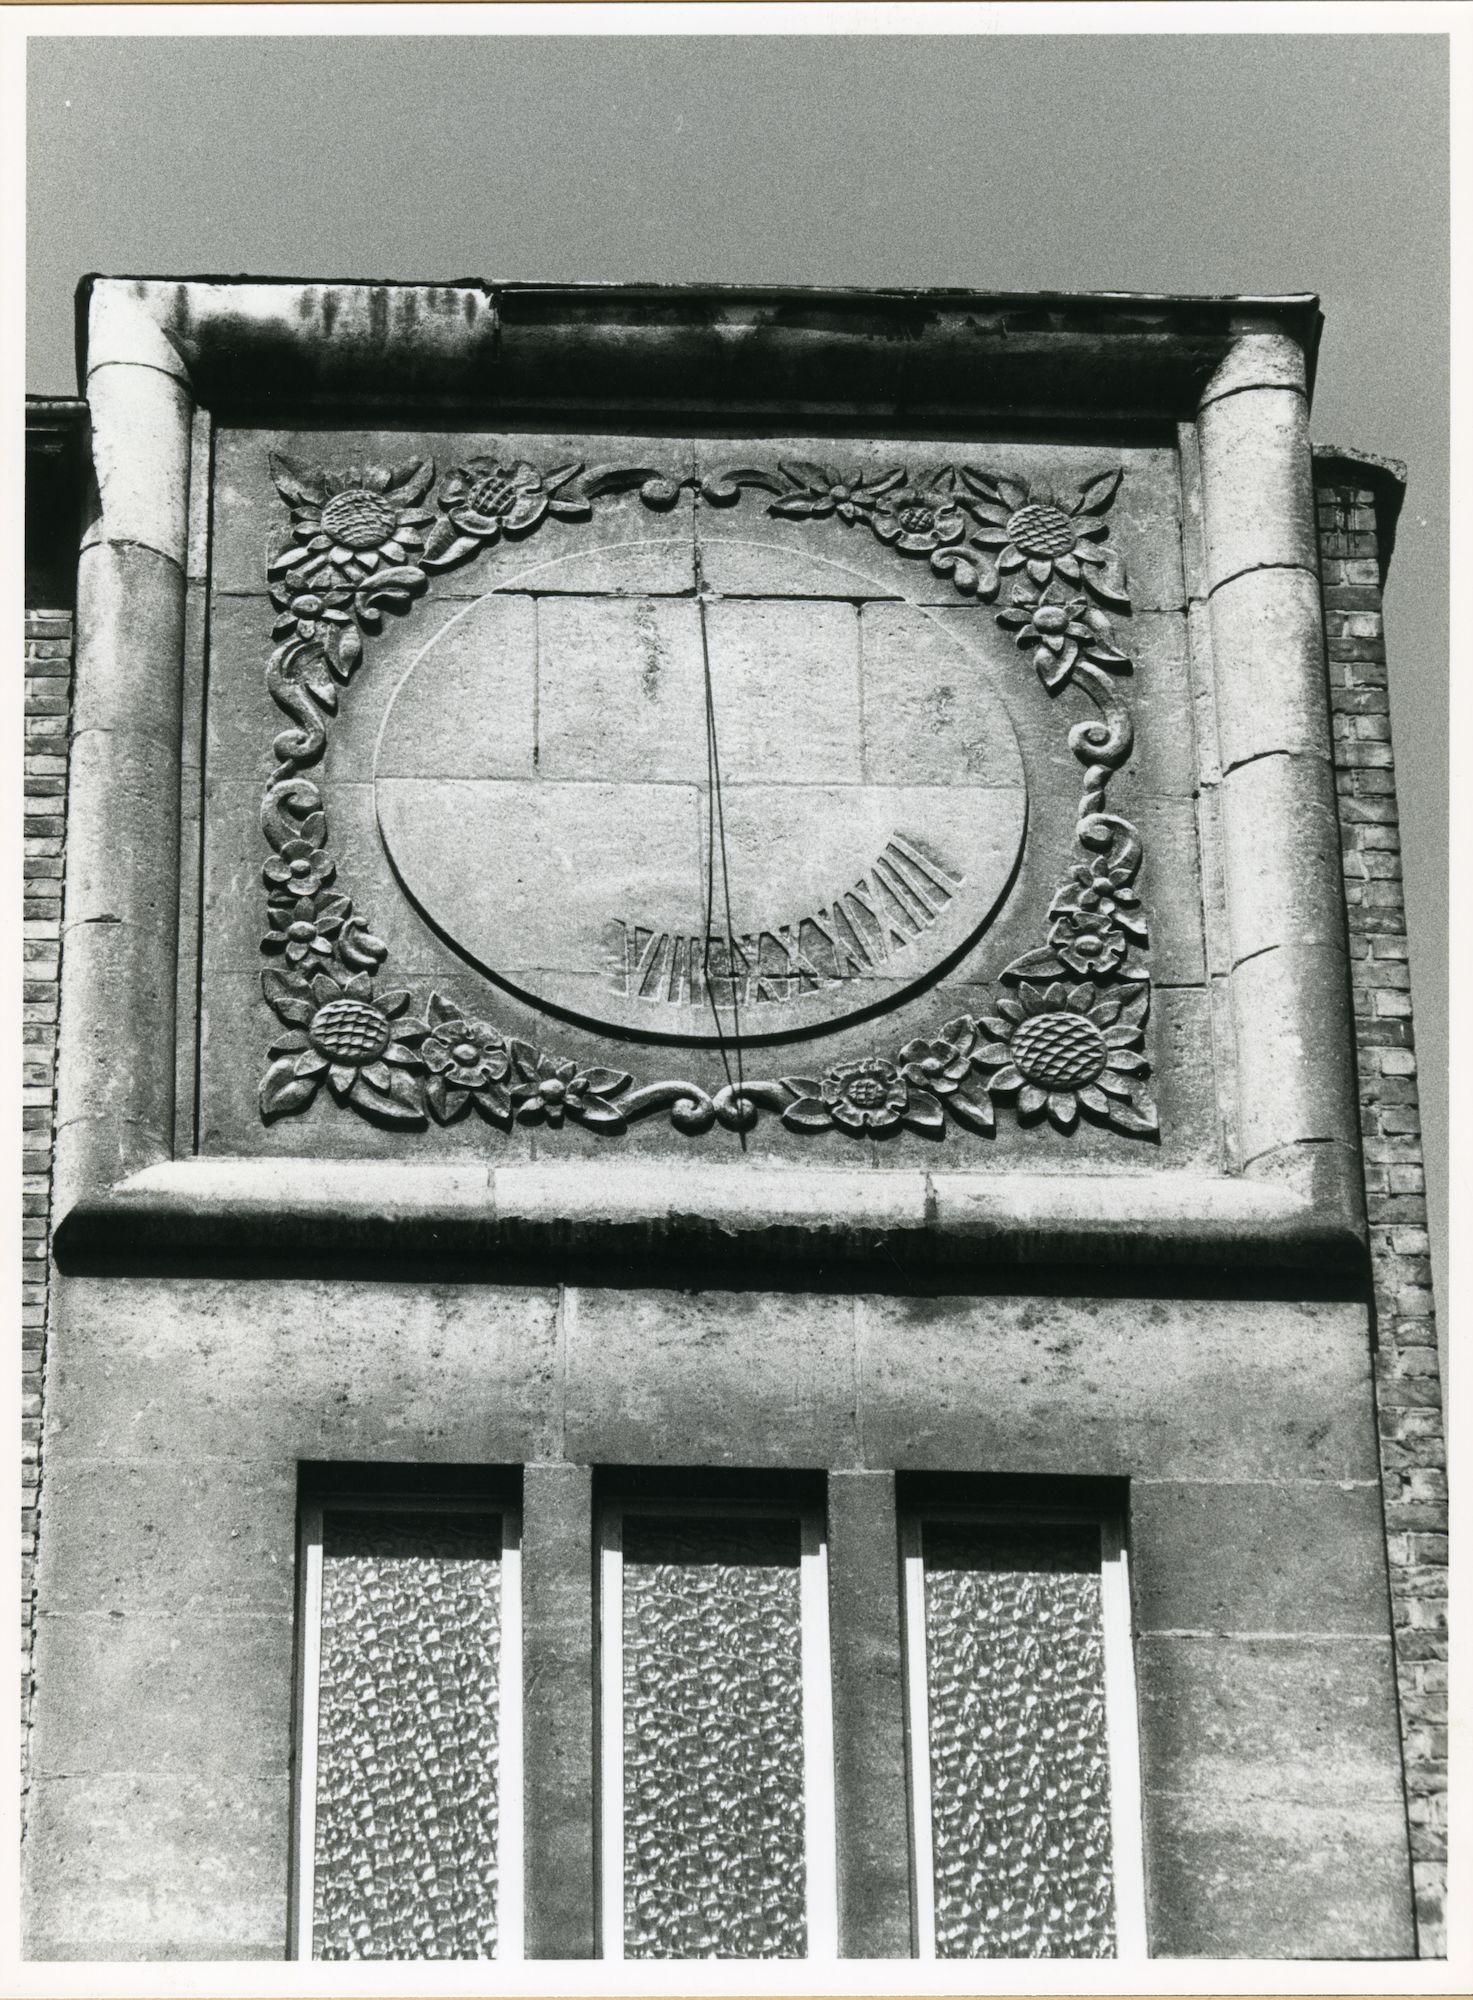 Gent: Tentoonstellingslaan 42-48: Beeldhouwwerk, 1980